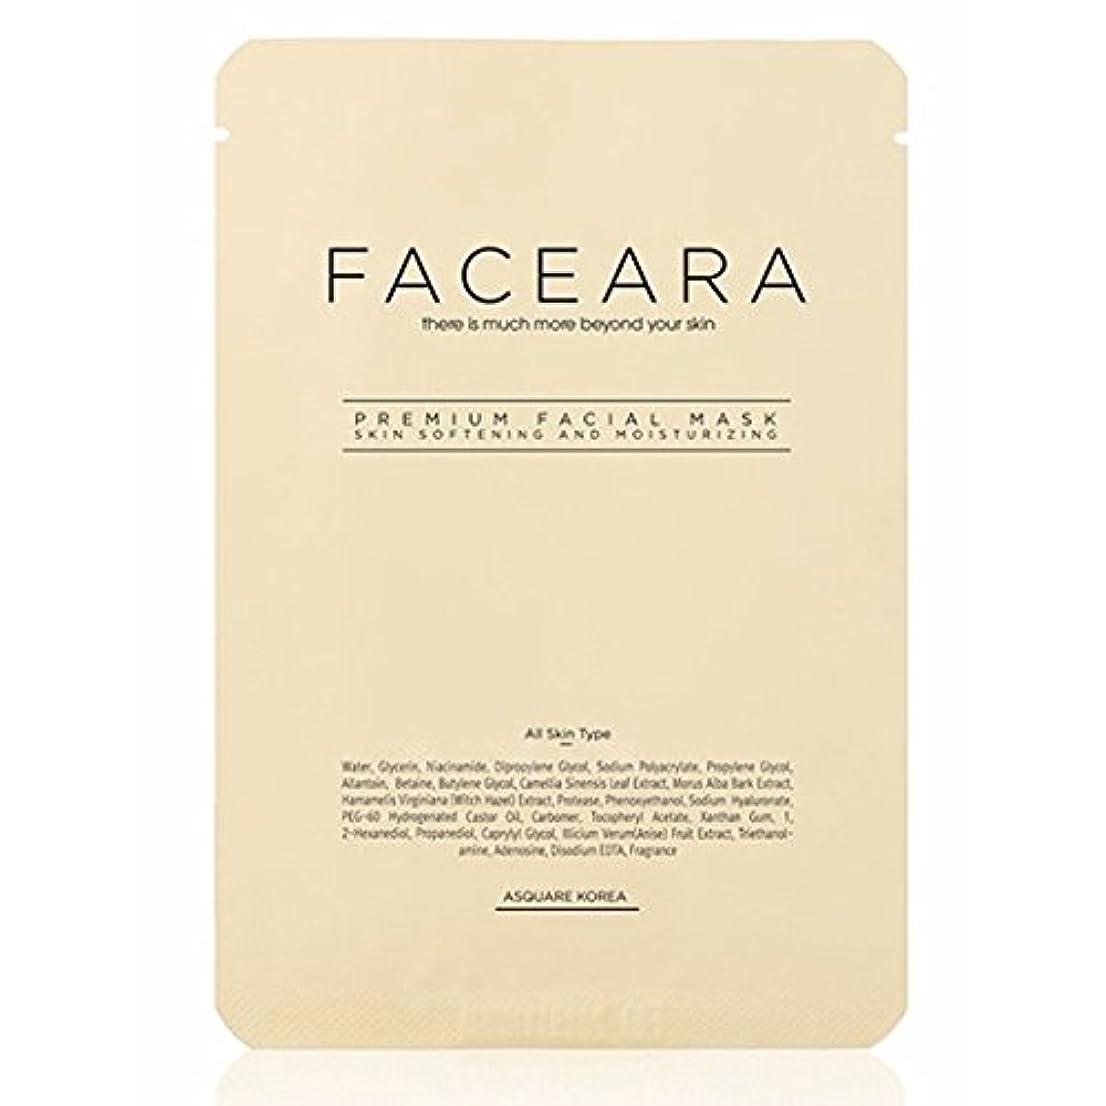 モナリザ追い越す麦芽[並行輸入品] FACEARA スクラブ&スーパーモイスチャライザー用プレミアムフェイシャルマスクシート25g 5本セット / FACEARA Premium Facial Mask Sheet for Scrub &...